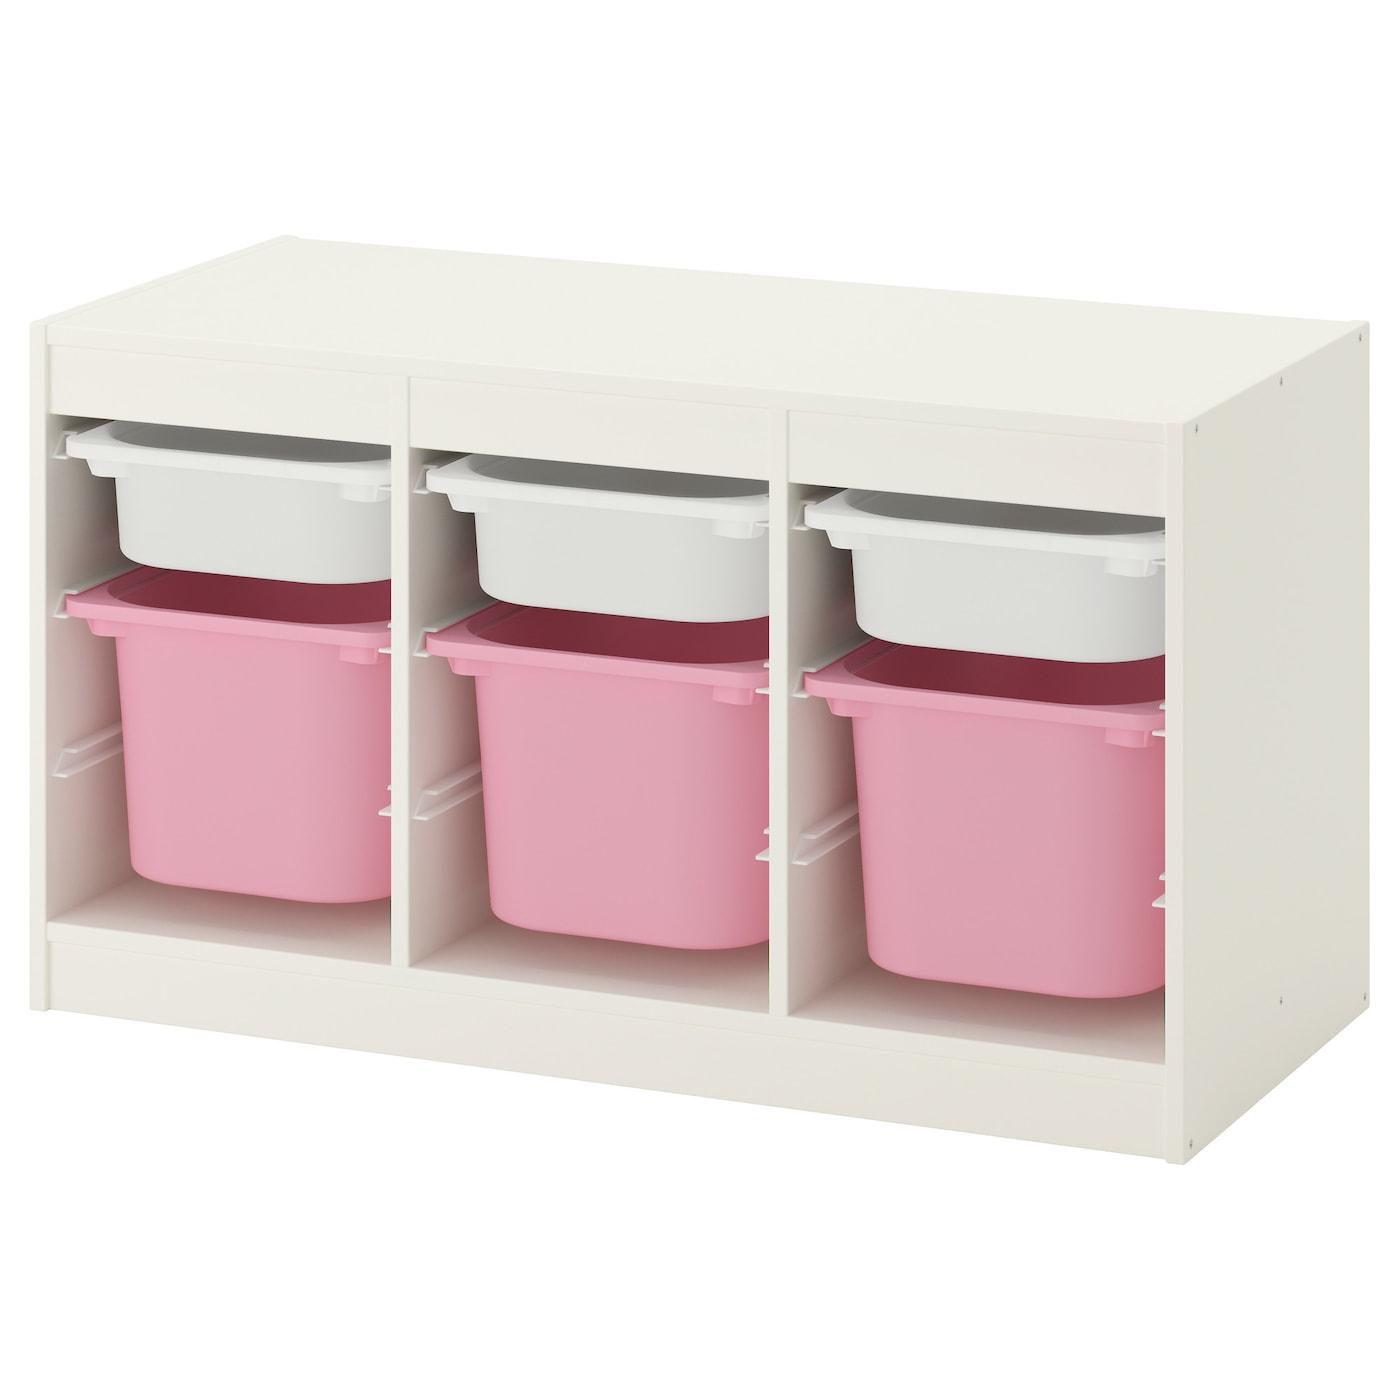 trofast opbergcombinatie met bakken wit roze 99 x 44 x 56 cm ikea. Black Bedroom Furniture Sets. Home Design Ideas